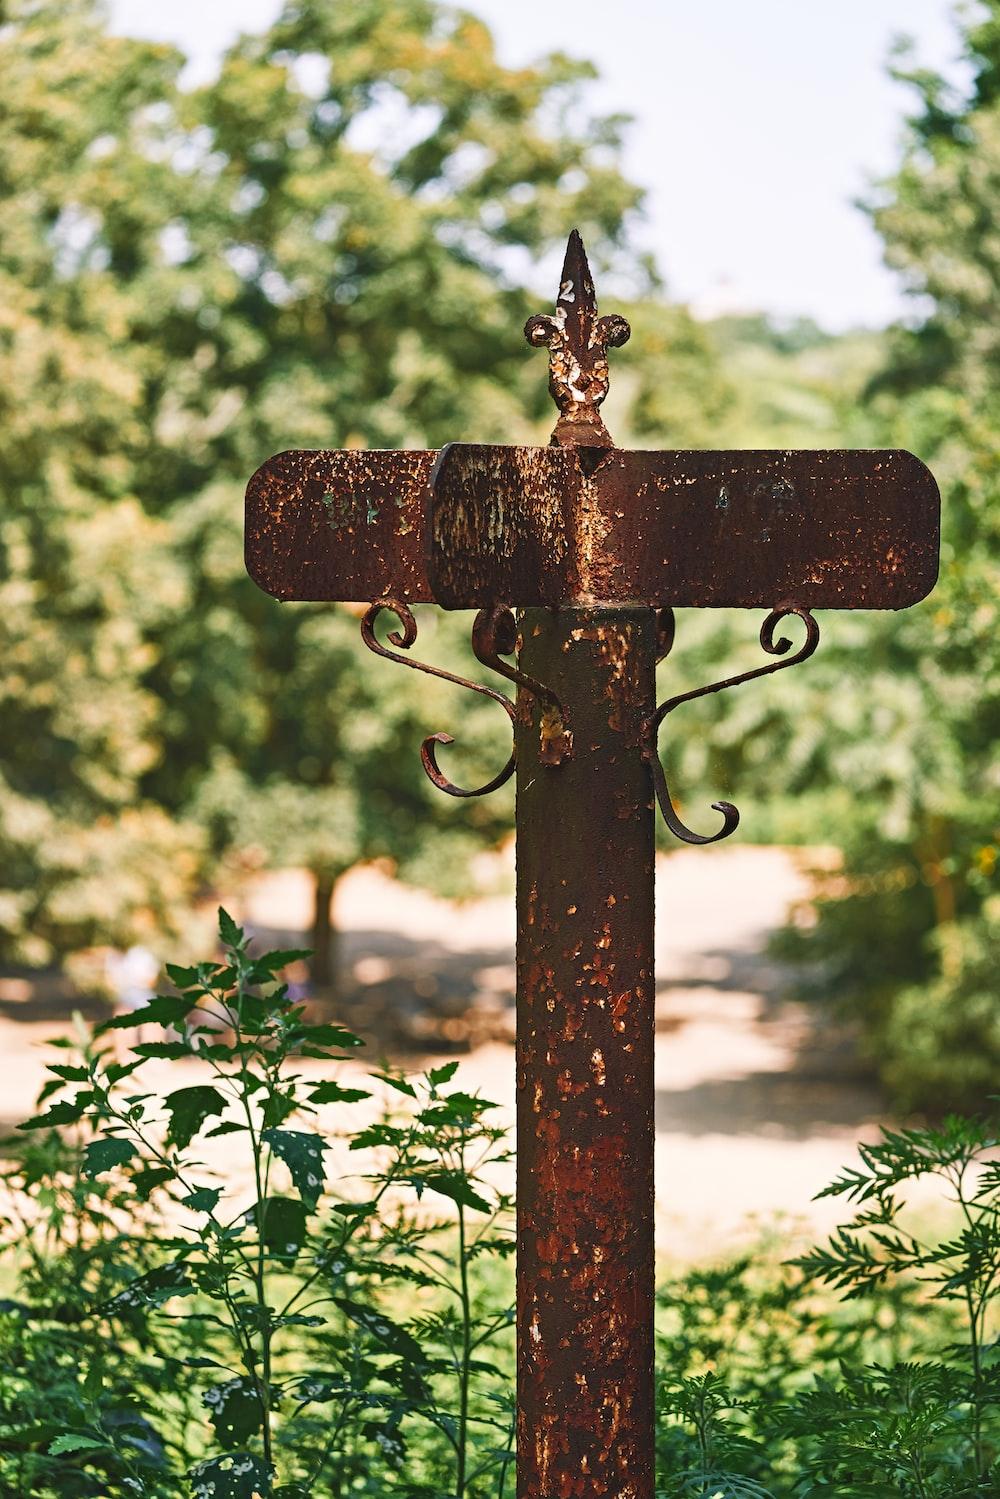 brown metal post